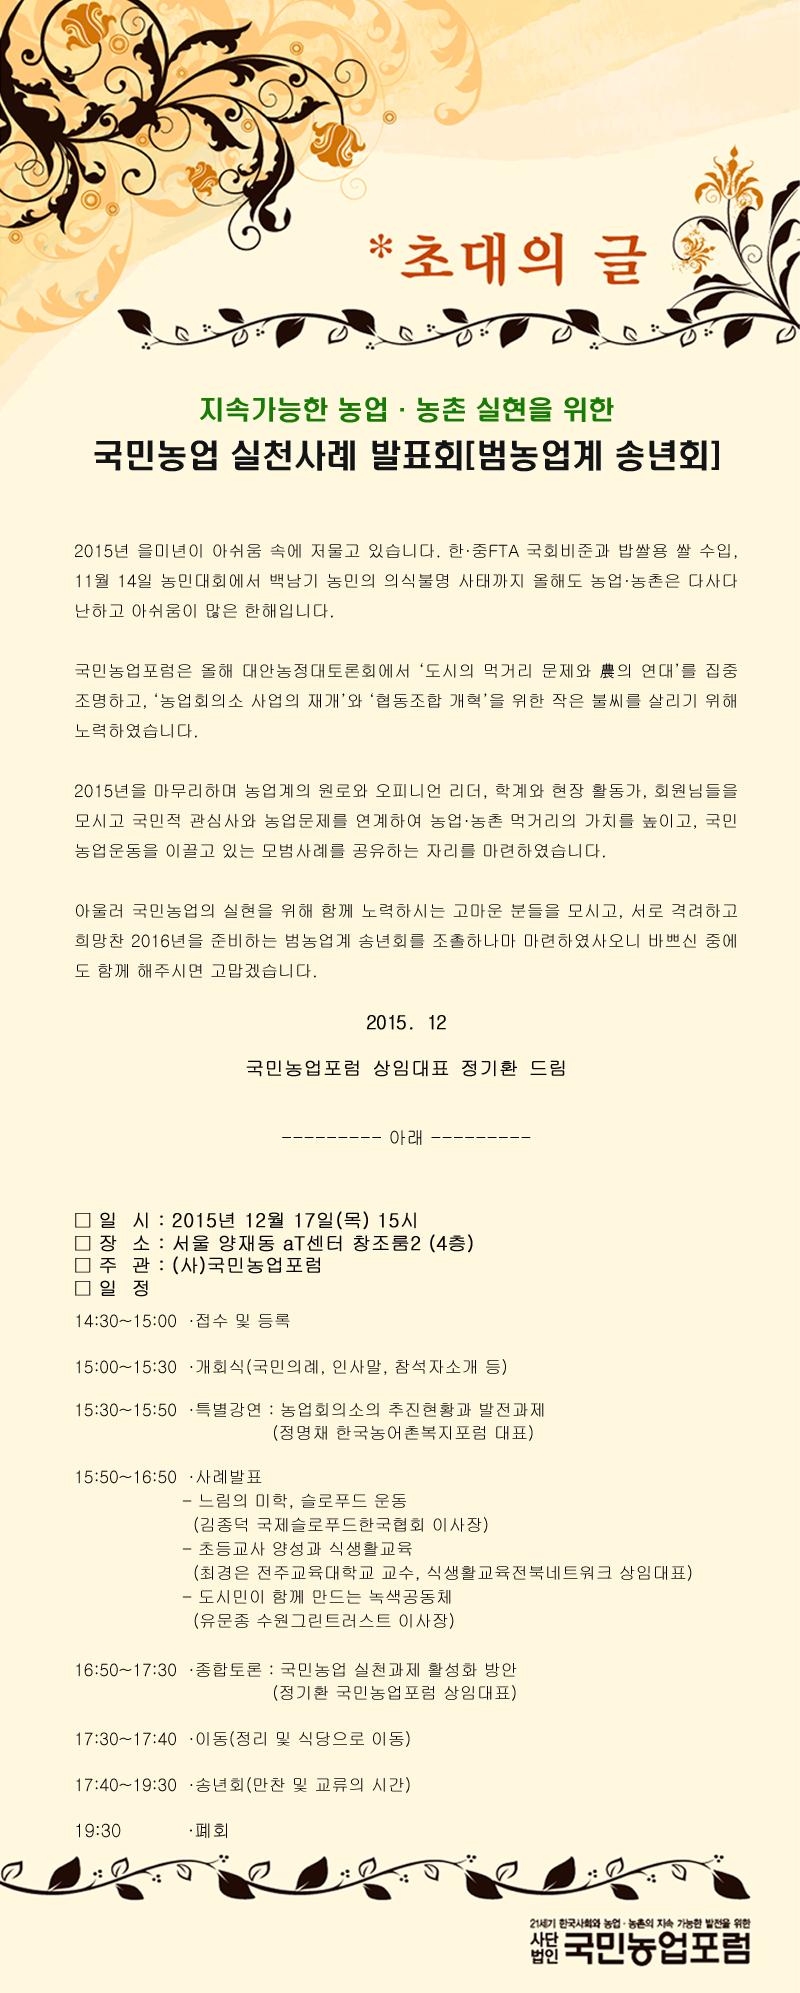 151217_국민농업실천사례 발표회 초대장_최종.jpg